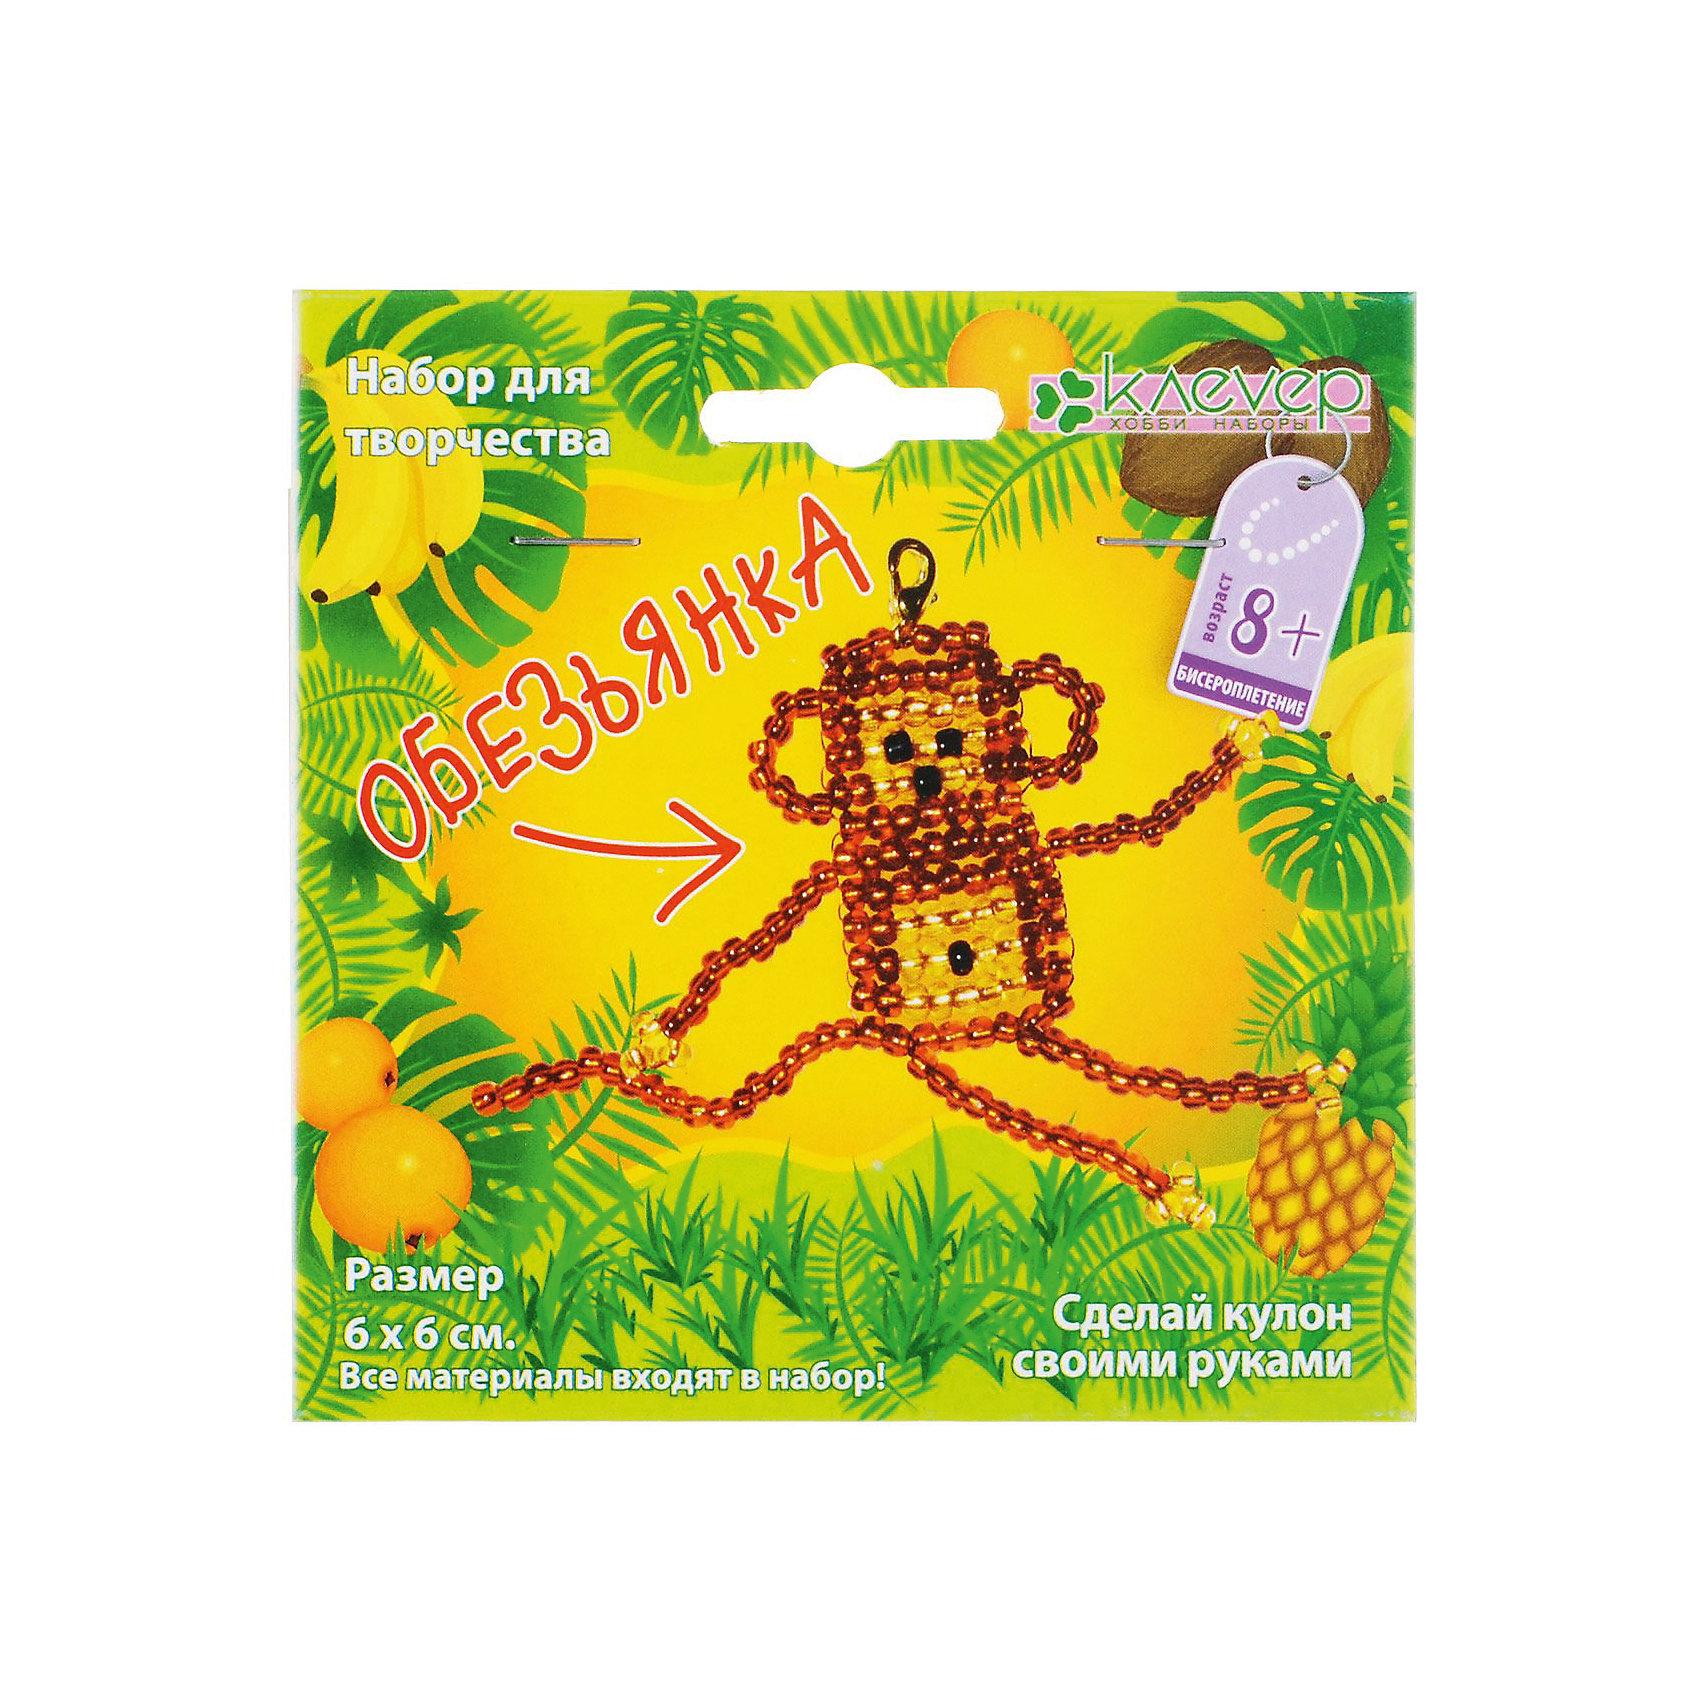 Набор для изготовления фигурки ОбезьянкаС помощью этого набора ваш ребенок сможет изготовить замечательную обезьянку на проволоке в виде брошки, брелочка или маленькой игрушки.<br>Бисероплетение - увлекательное и полезное занятие, развивающее мелкую моторику, мышление и внимание. Символ наступающего года, сделанный своими руками,  сможет стать прекрасной игрушкой или же сувениром. <br><br>Дополнительная информация:<br><br>- Материал: пластик.<br>- Комплектация: цветной бисер, бусины для оплетения, проволока, карабин, пошаговая инструкция. <br>- Размер упаковки: 11х11 см. <br><br>Набор для изготовления фигурки Обезьянка можно купить в нашем магазине.<br><br>Ширина мм: 110<br>Глубина мм: 110<br>Высота мм: 20<br>Вес г: 16<br>Возраст от месяцев: 96<br>Возраст до месяцев: 144<br>Пол: Унисекс<br>Возраст: Детский<br>SKU: 4443204